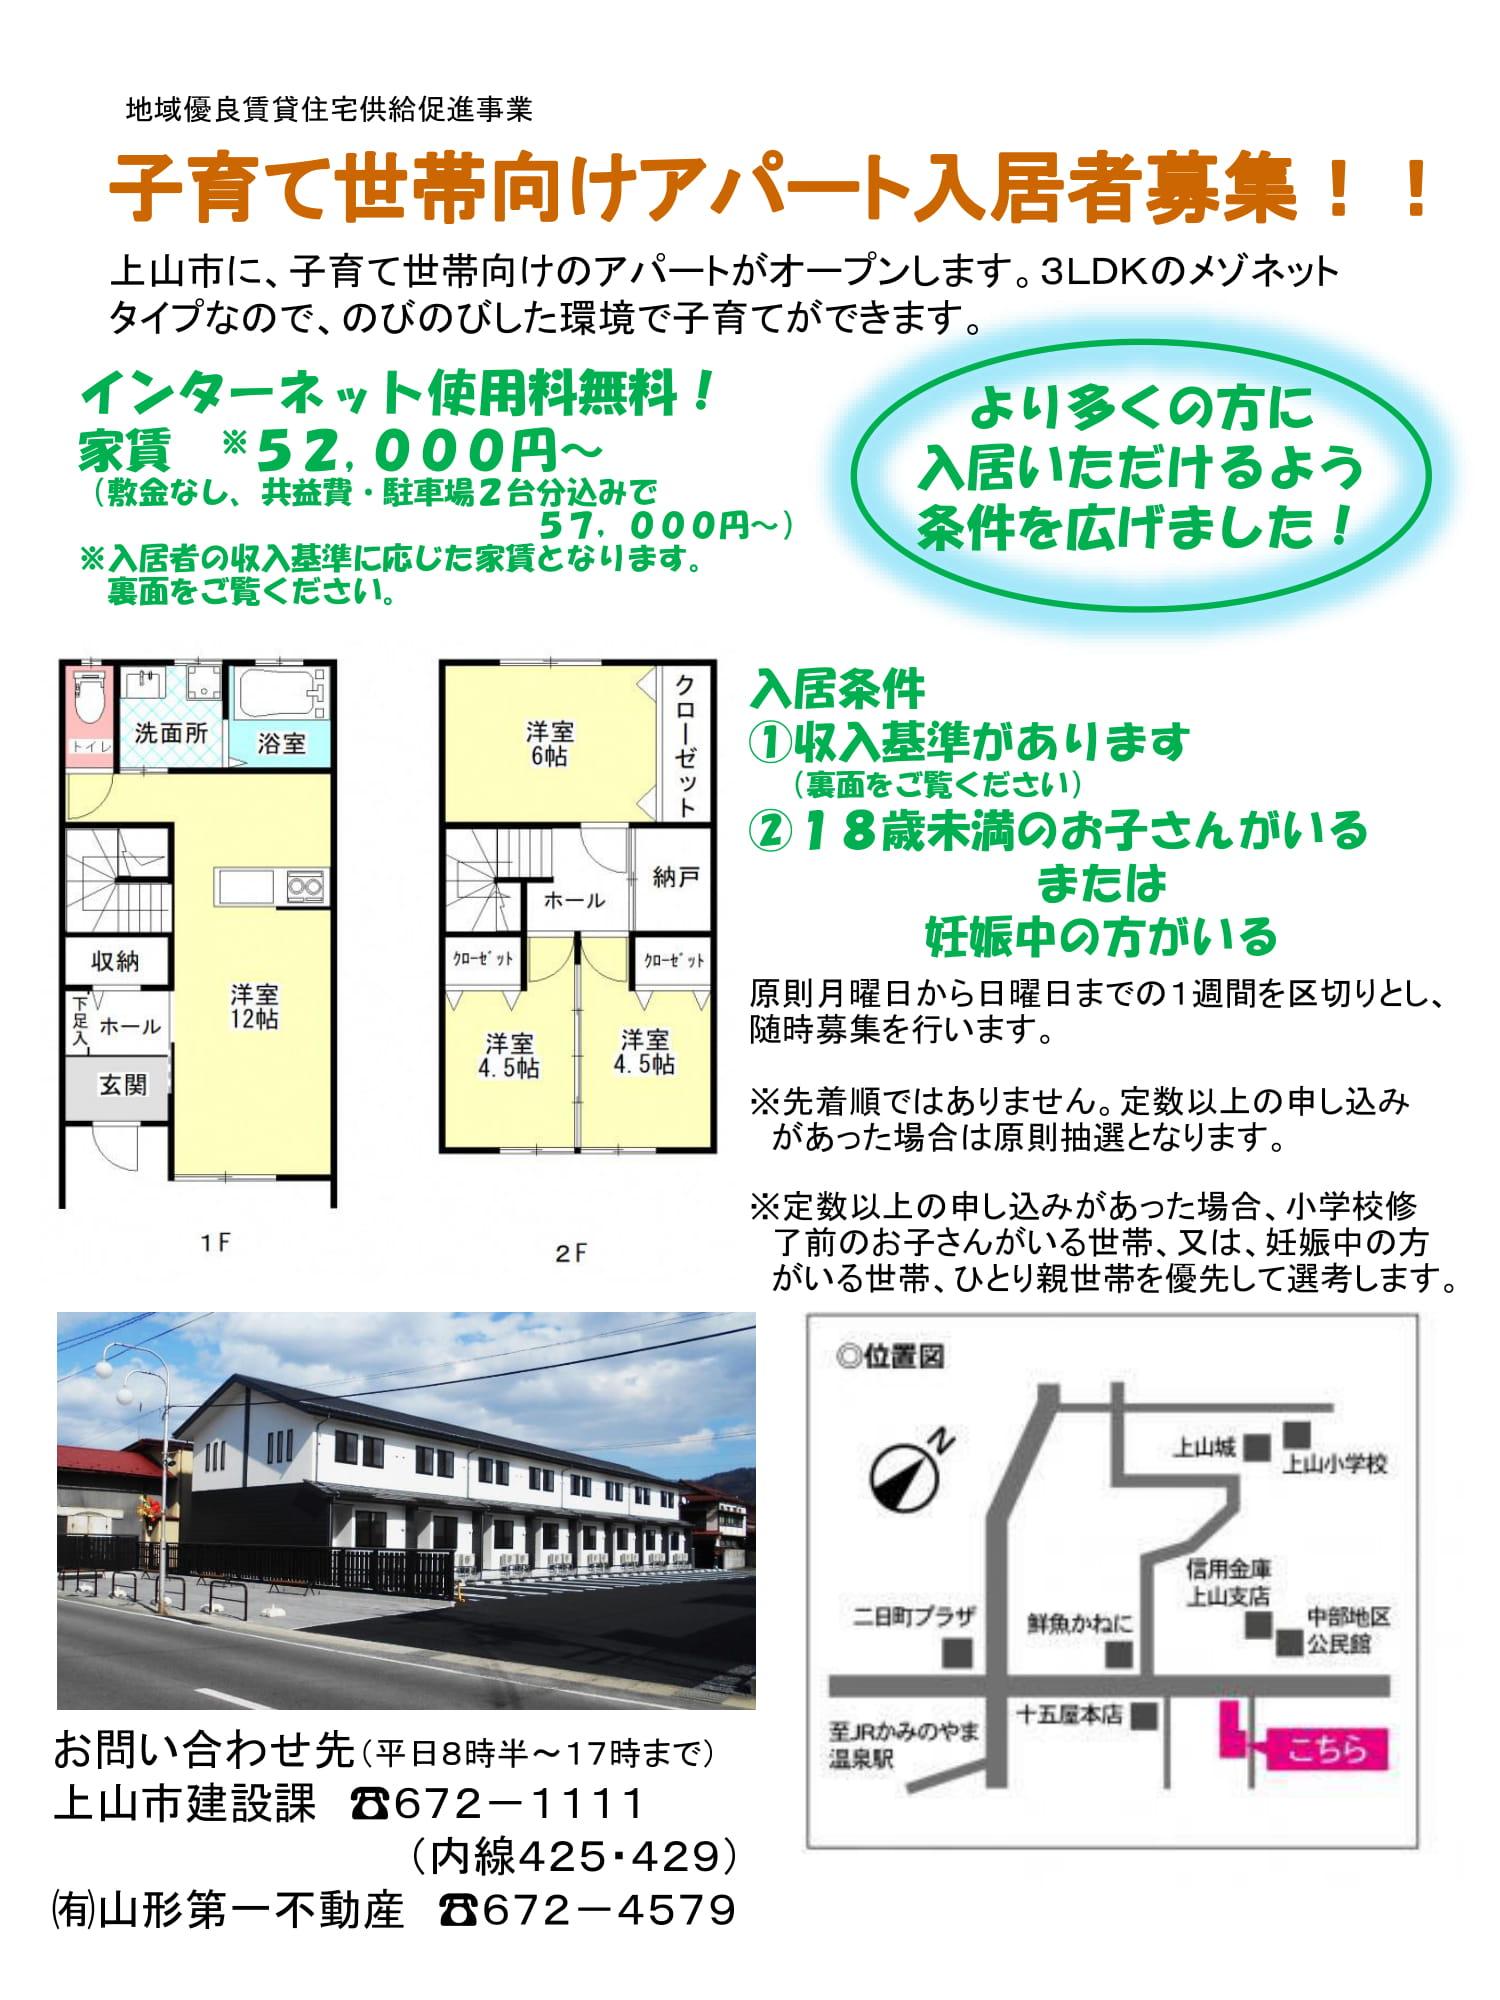 ☆入居条件を拡充☆子育て世帯向けアパート かみのやまテラス:画像